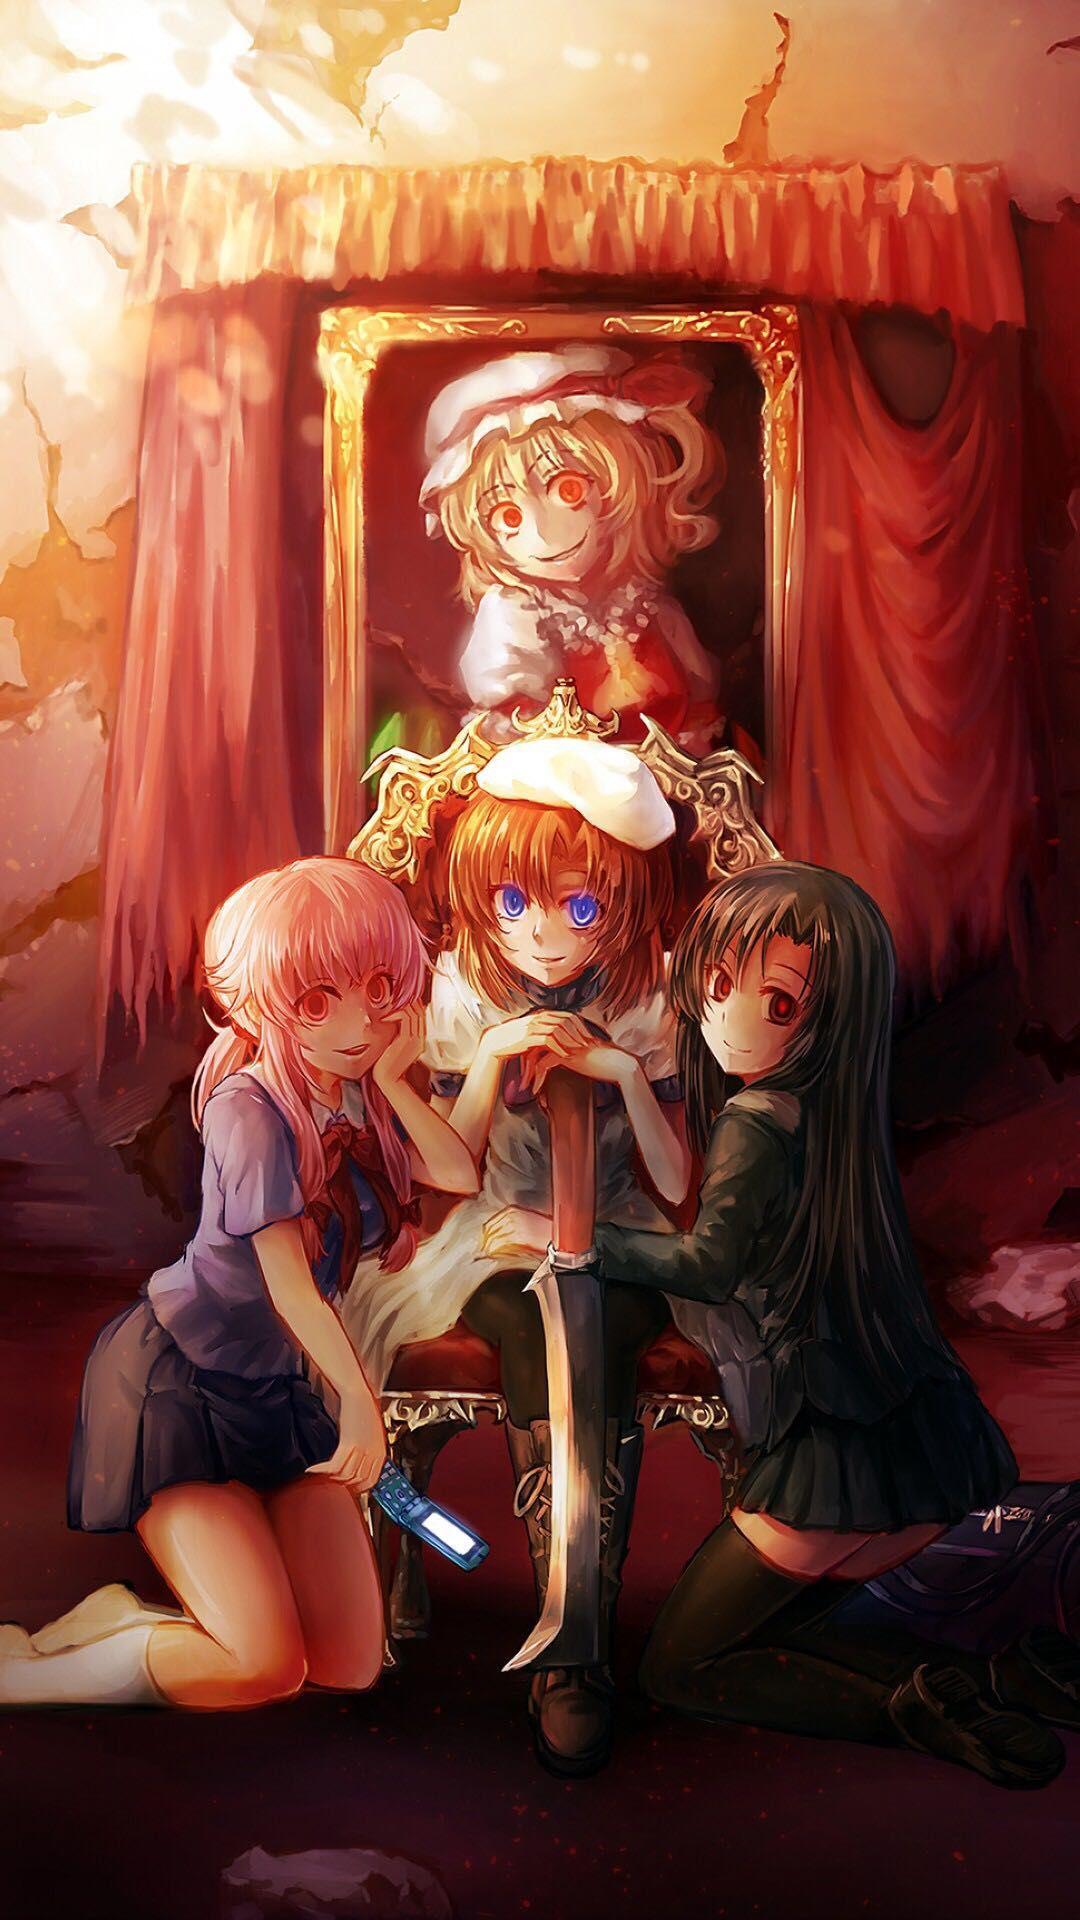 Imágenes de Animes - #75